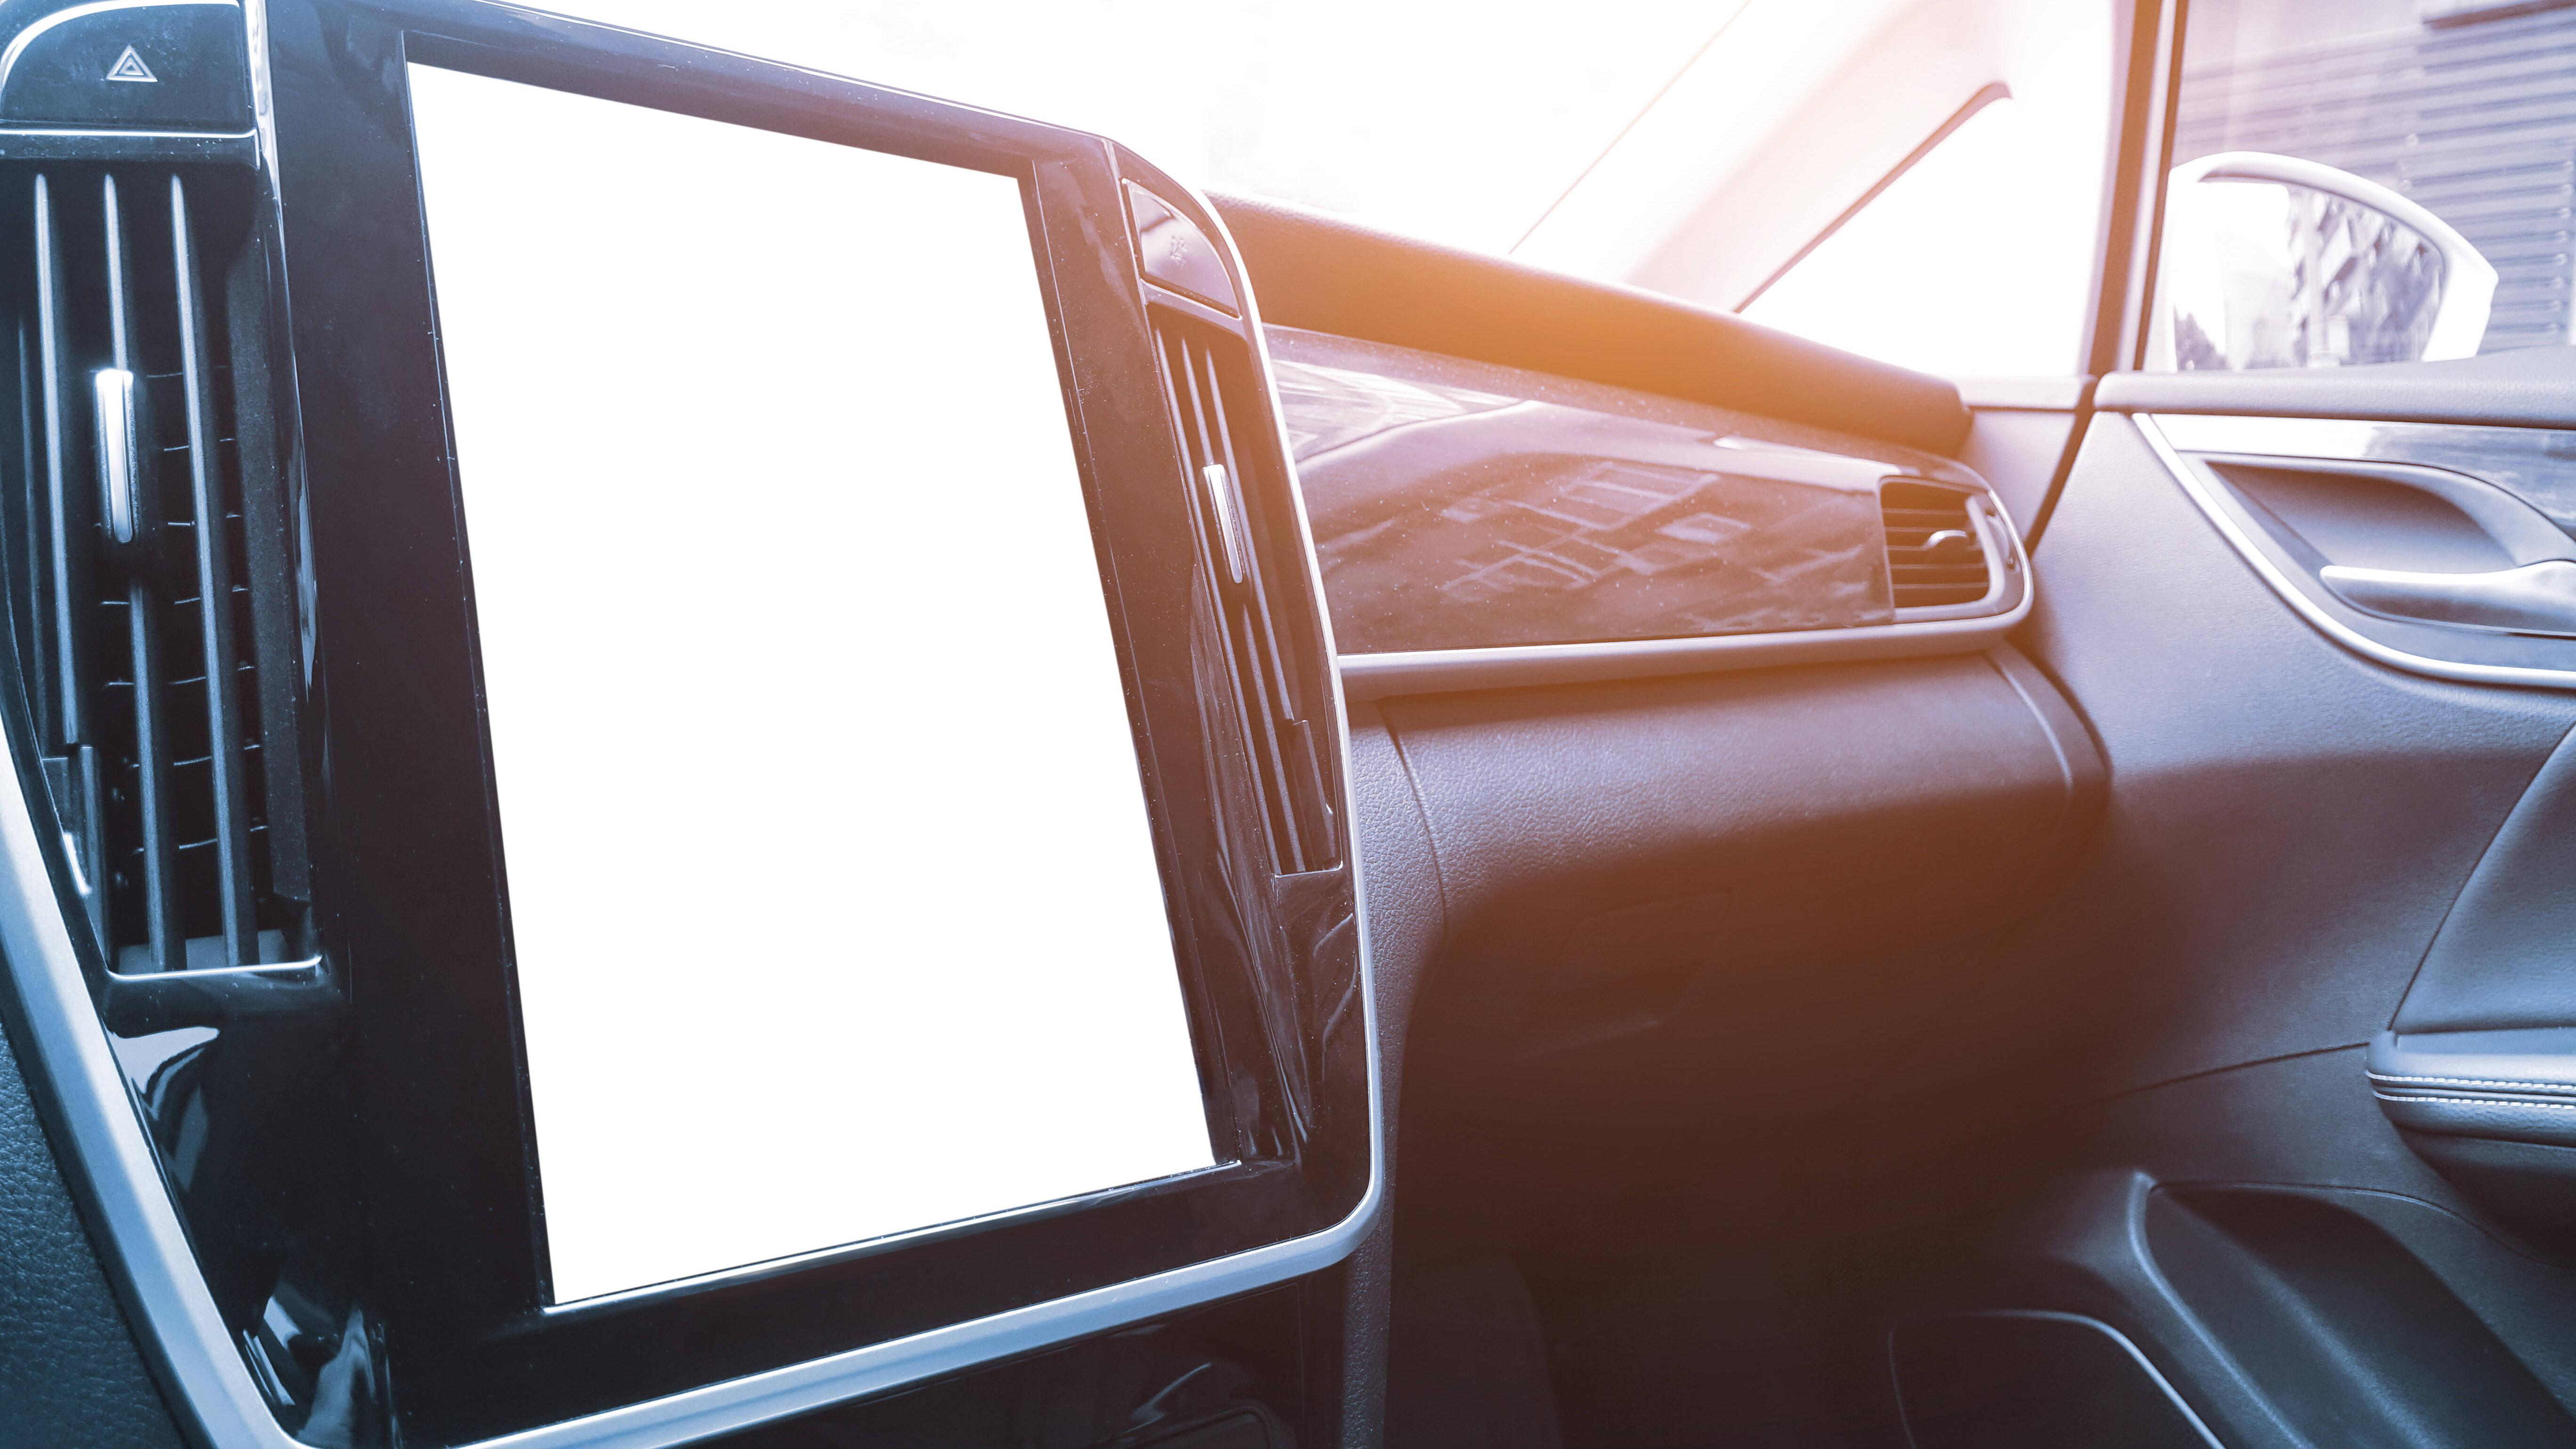 Carplay ohne Kabel nutzen: So klappt die Nachrüstung